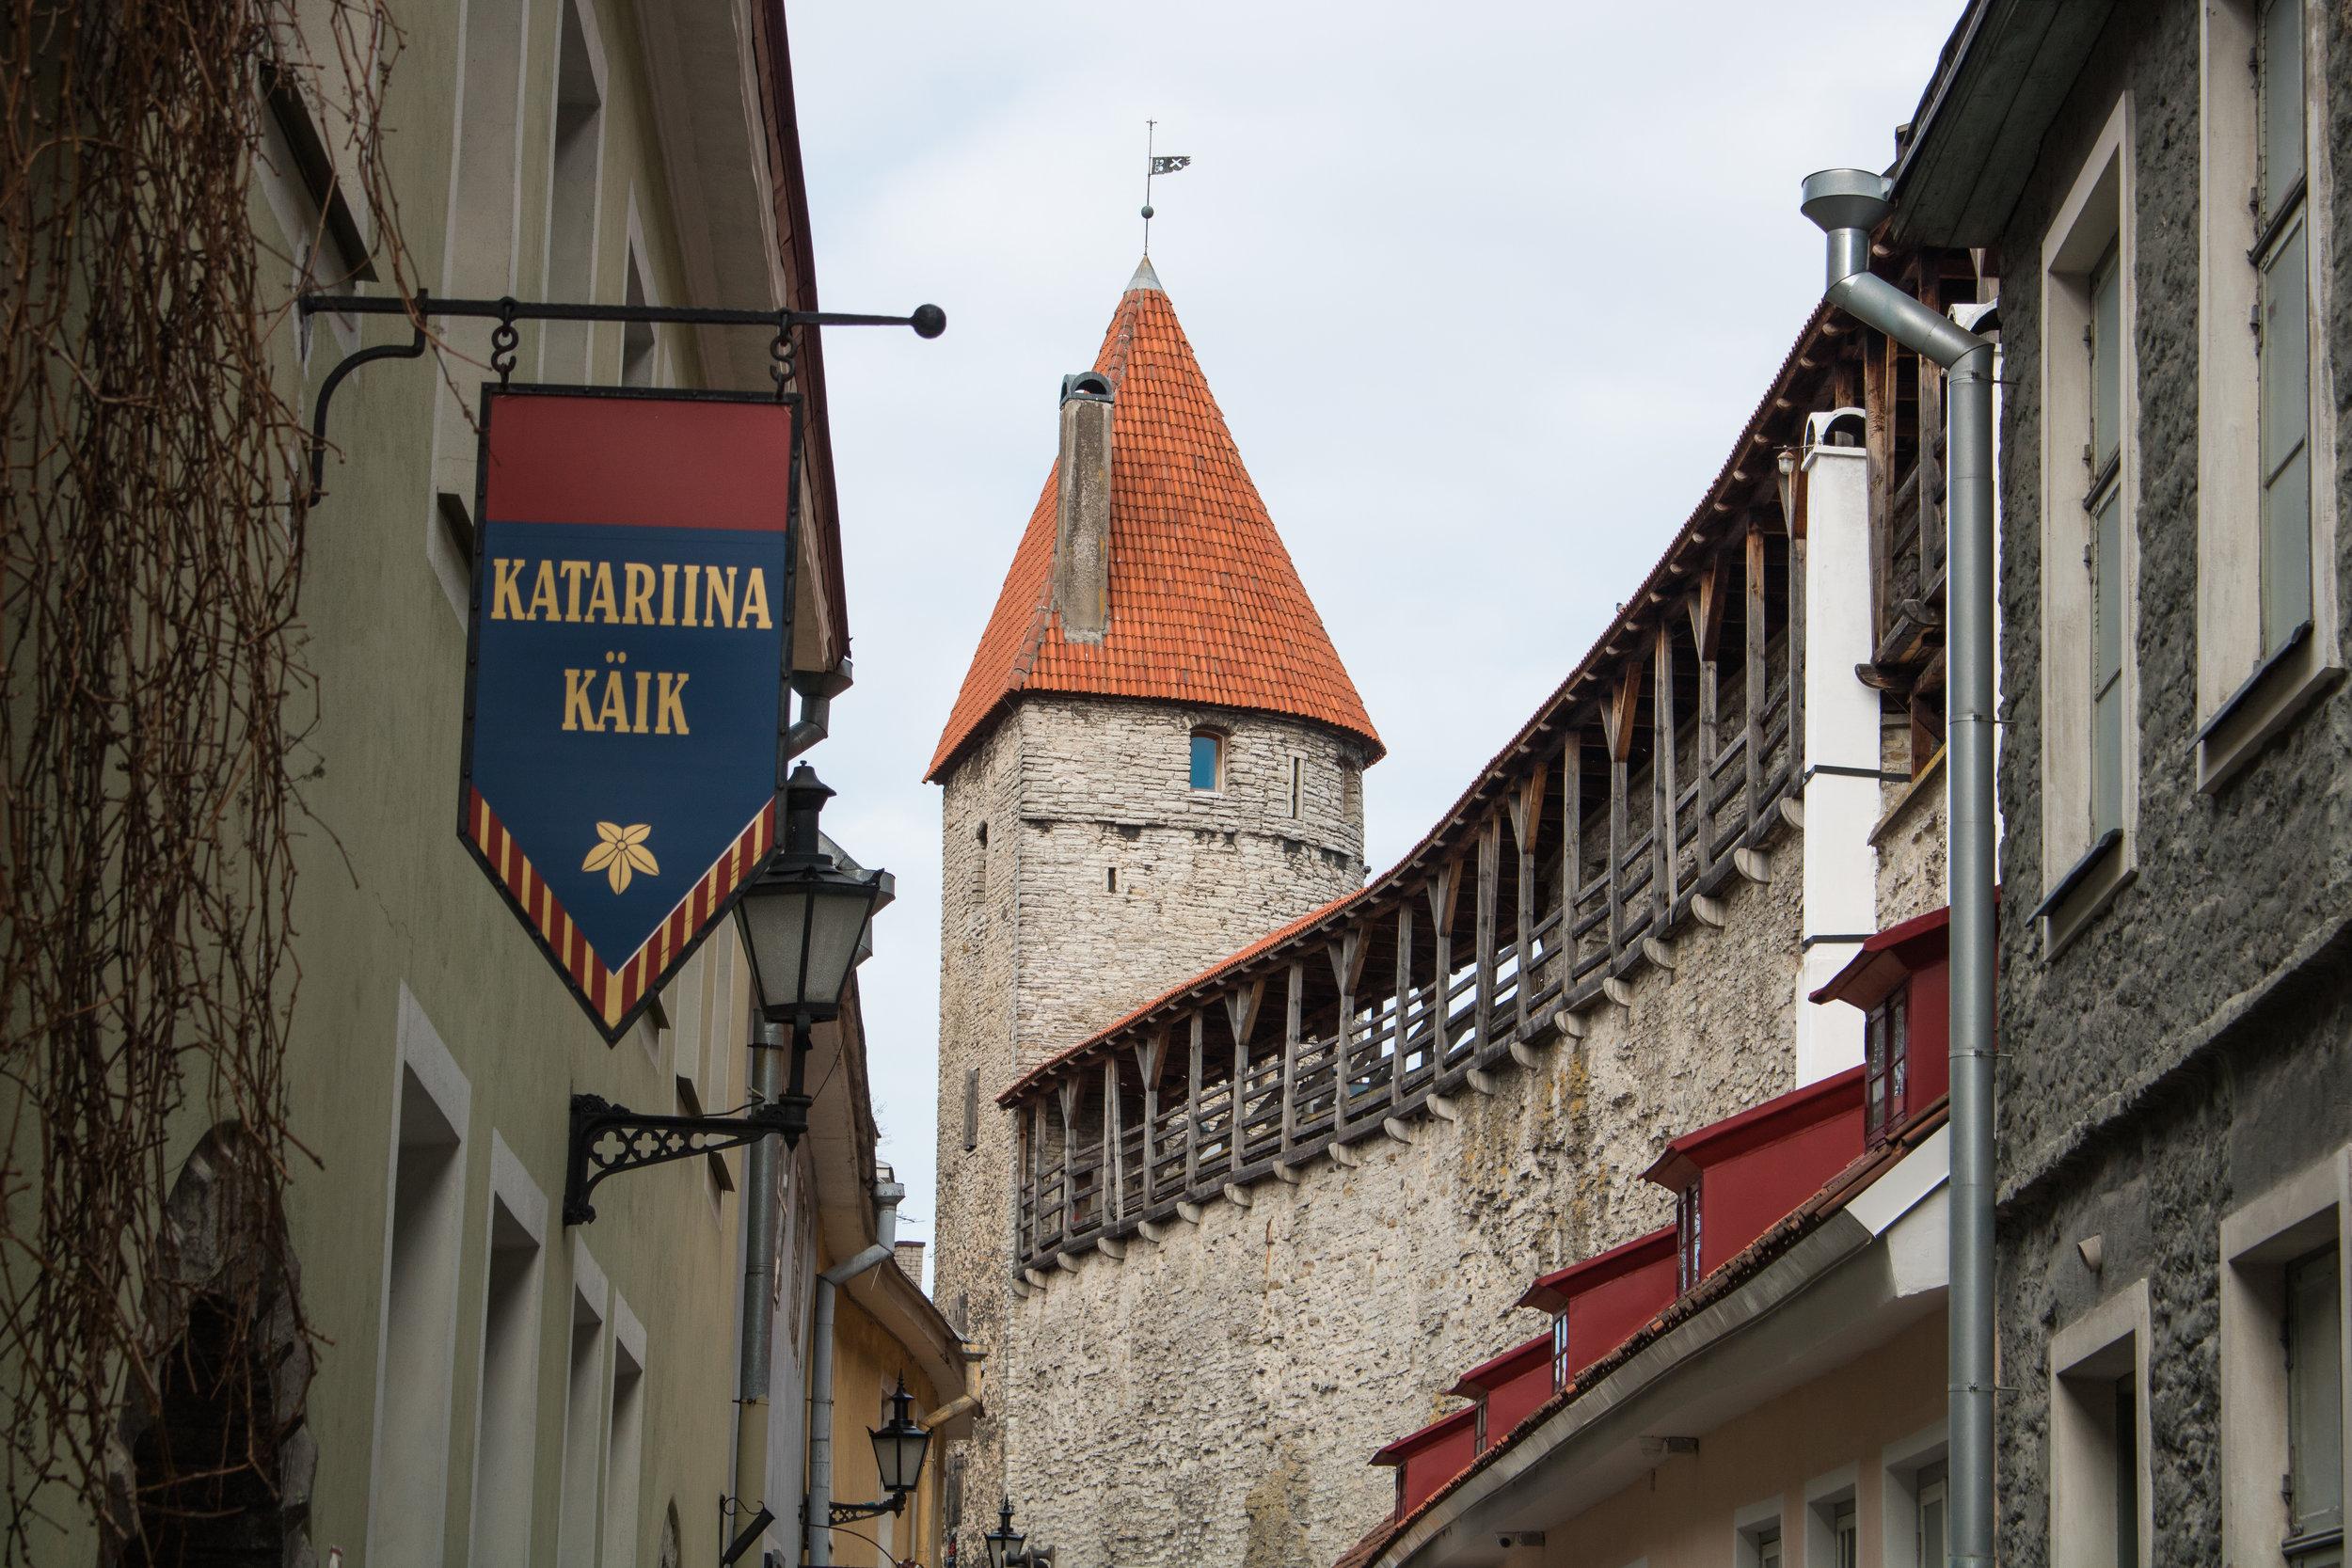 st catherines passage old town tallinn estonia.jpg